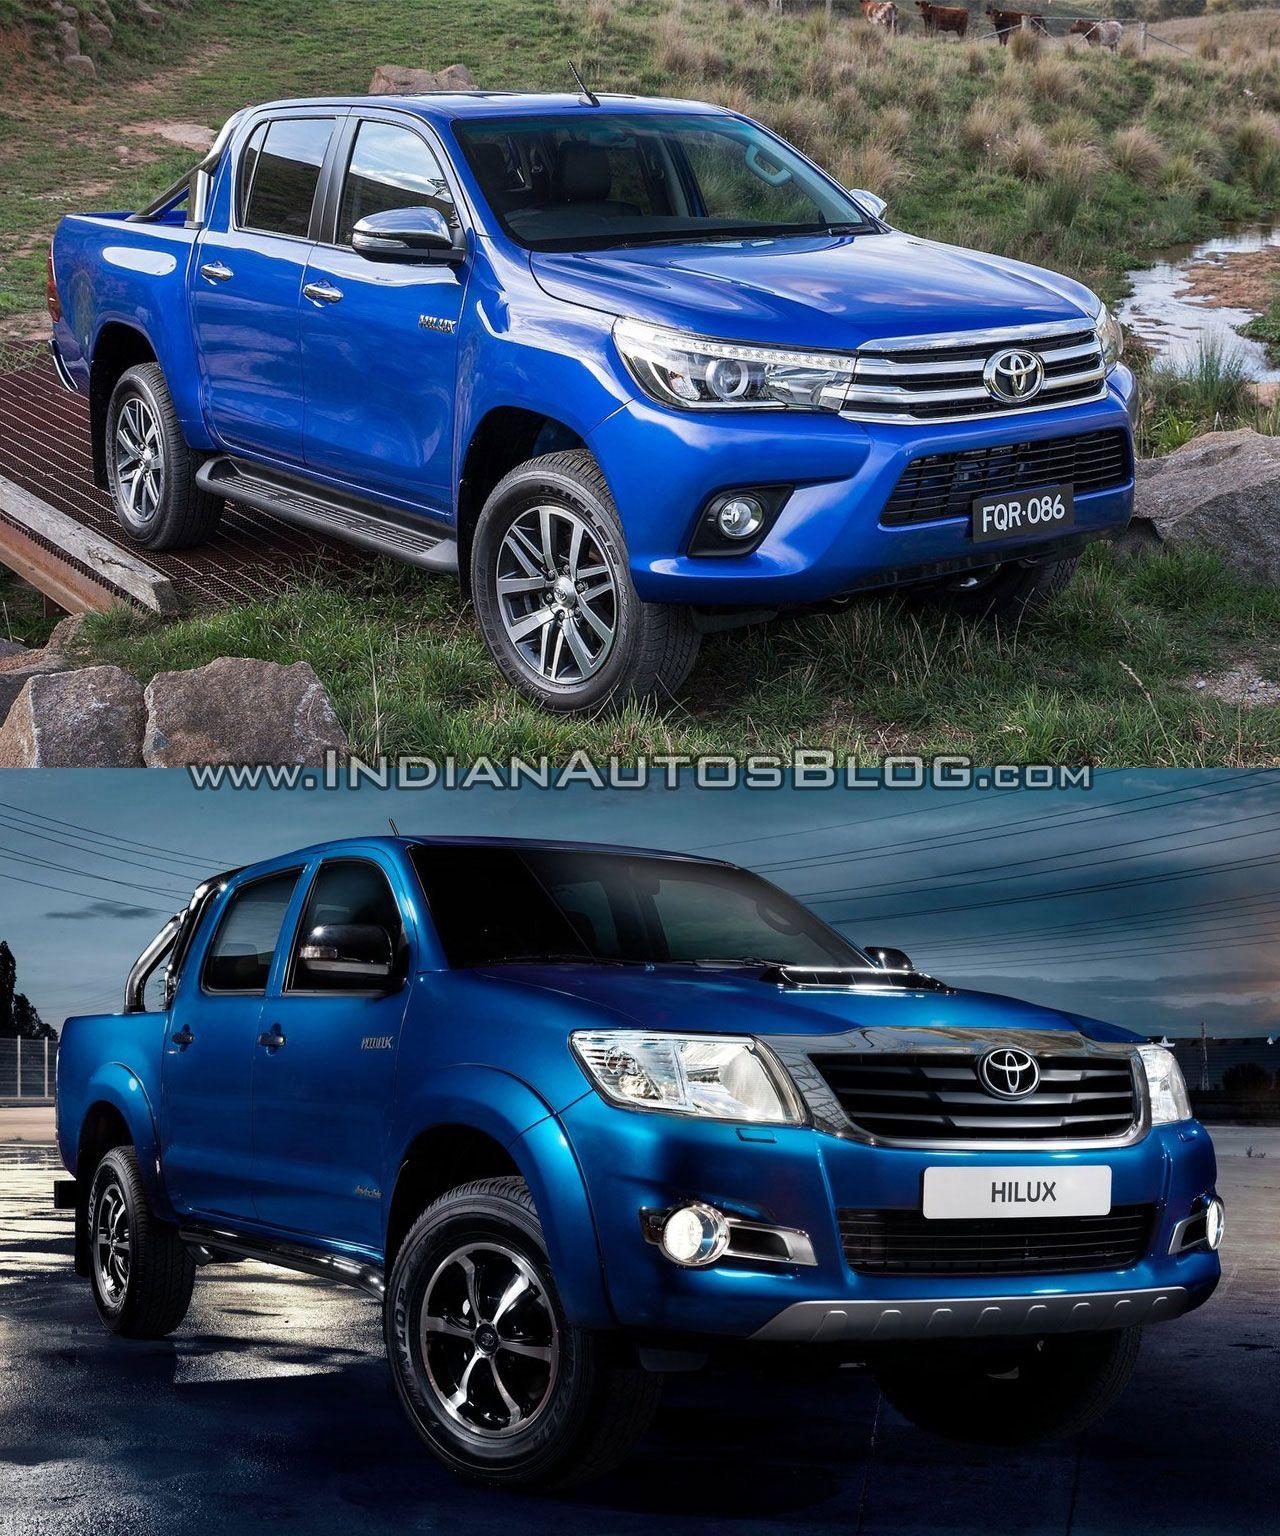 Toyota hilux vigo vs toyota hilux revo old vs new